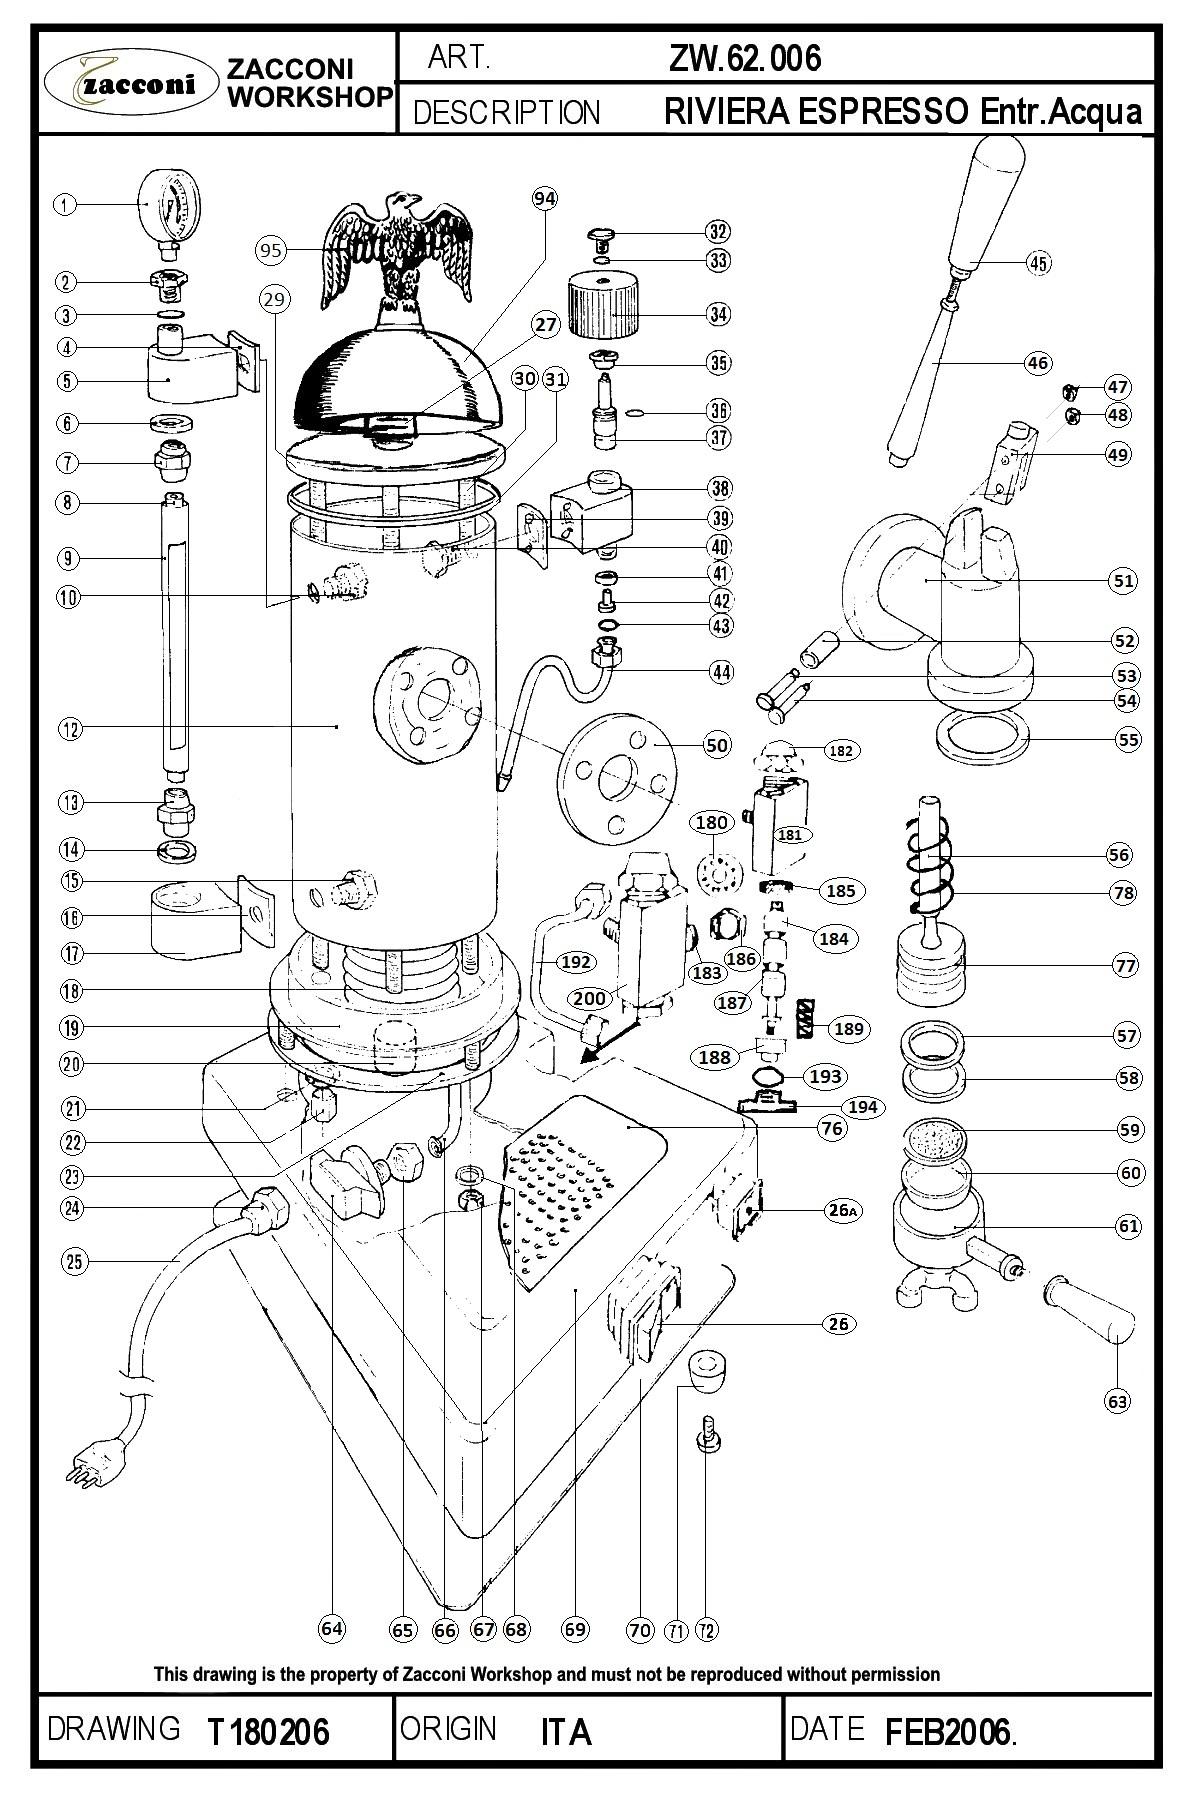 Vintage Riviera Schematic on toaster schematic, ice maker schematic, cd player schematic, washing machine schematic, oven schematic, microwave schematic, alarm clock schematic, espresso boiler schematic 2, computer schematic, radio schematic, vacuum cleaner schematic, freezer schematic, industrial heat exchanger schematic, refrigerator schematic, ice machine schematic, telephone schematic,